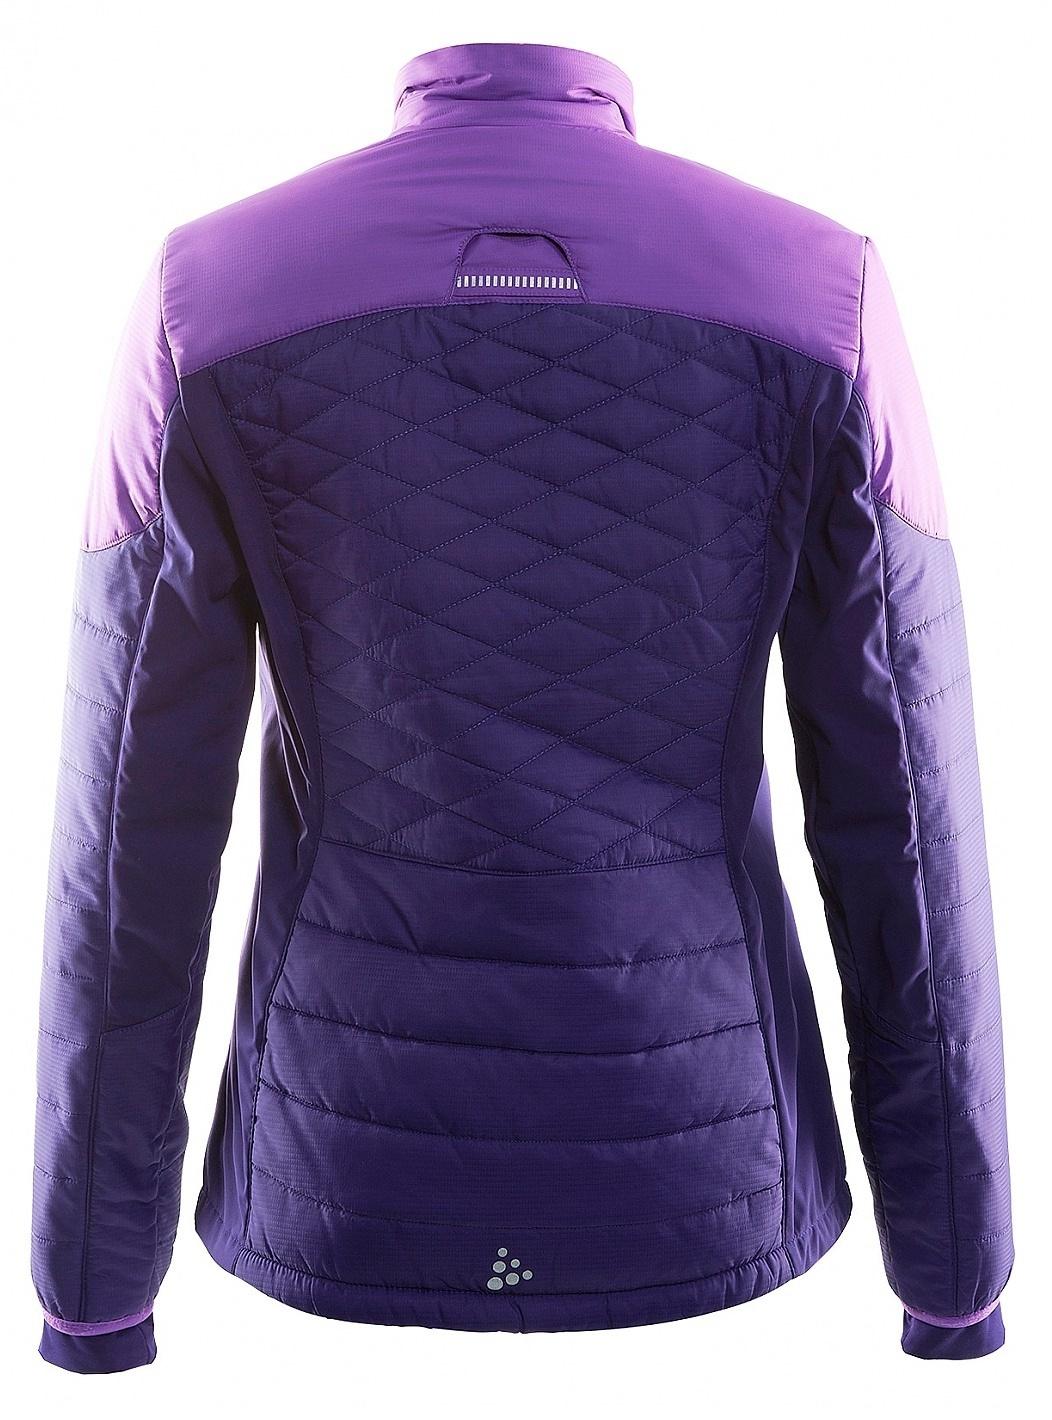 Женский лыжный костюм Craft Insulation Storm (1903576-1903694) фиолетовый фото